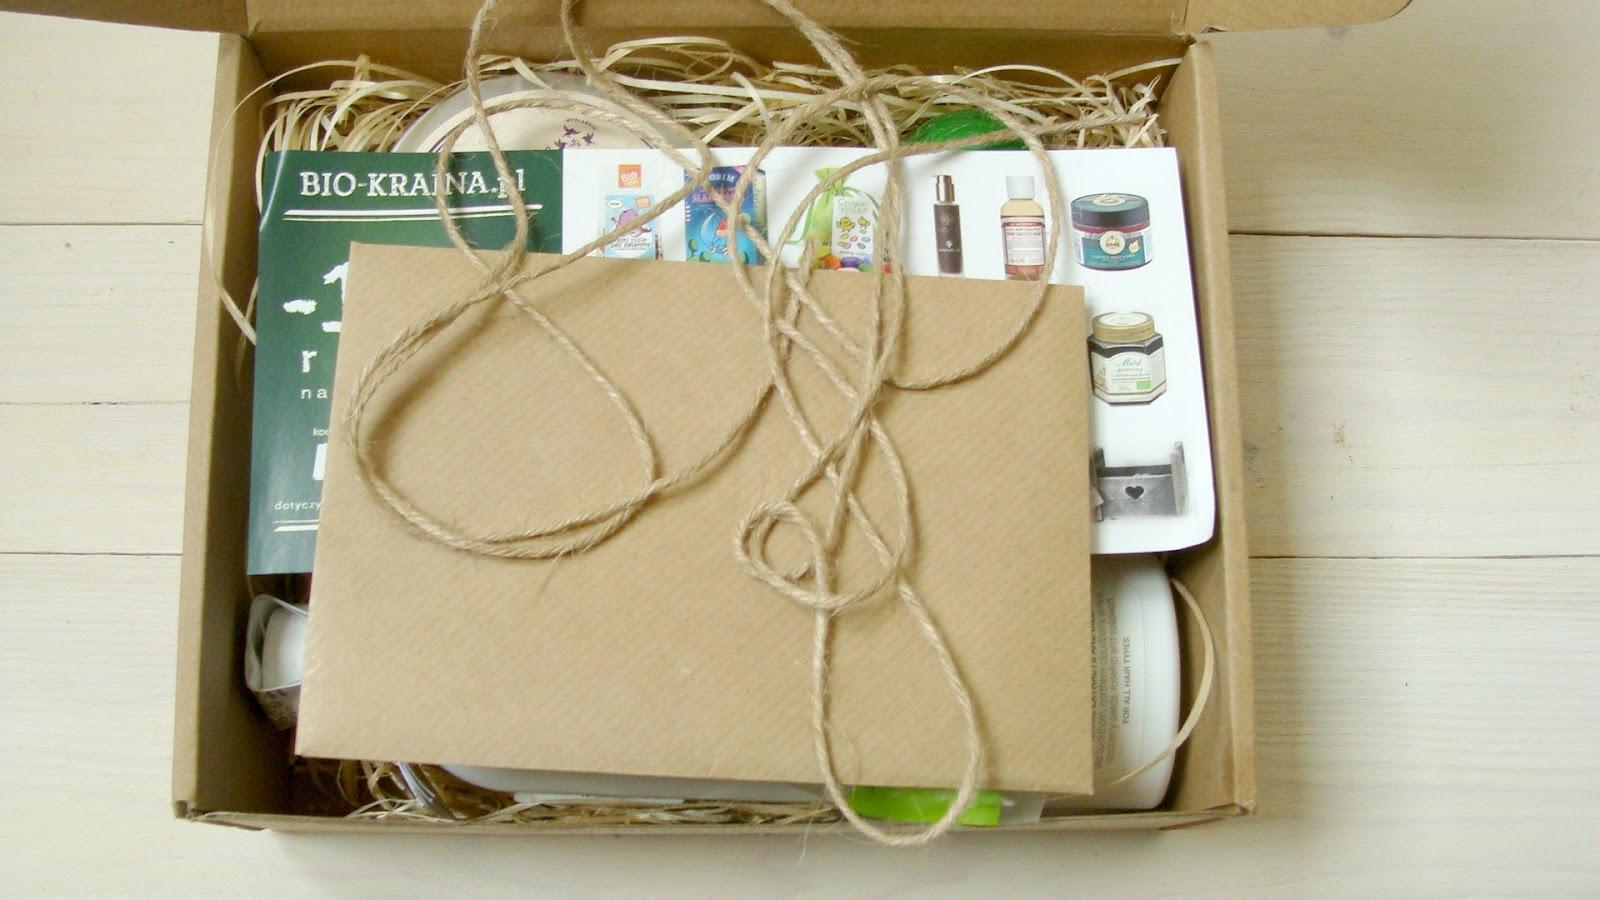 Pudełka subskrypcyjne - co to, dla kogo, i czy w ogóle warto?